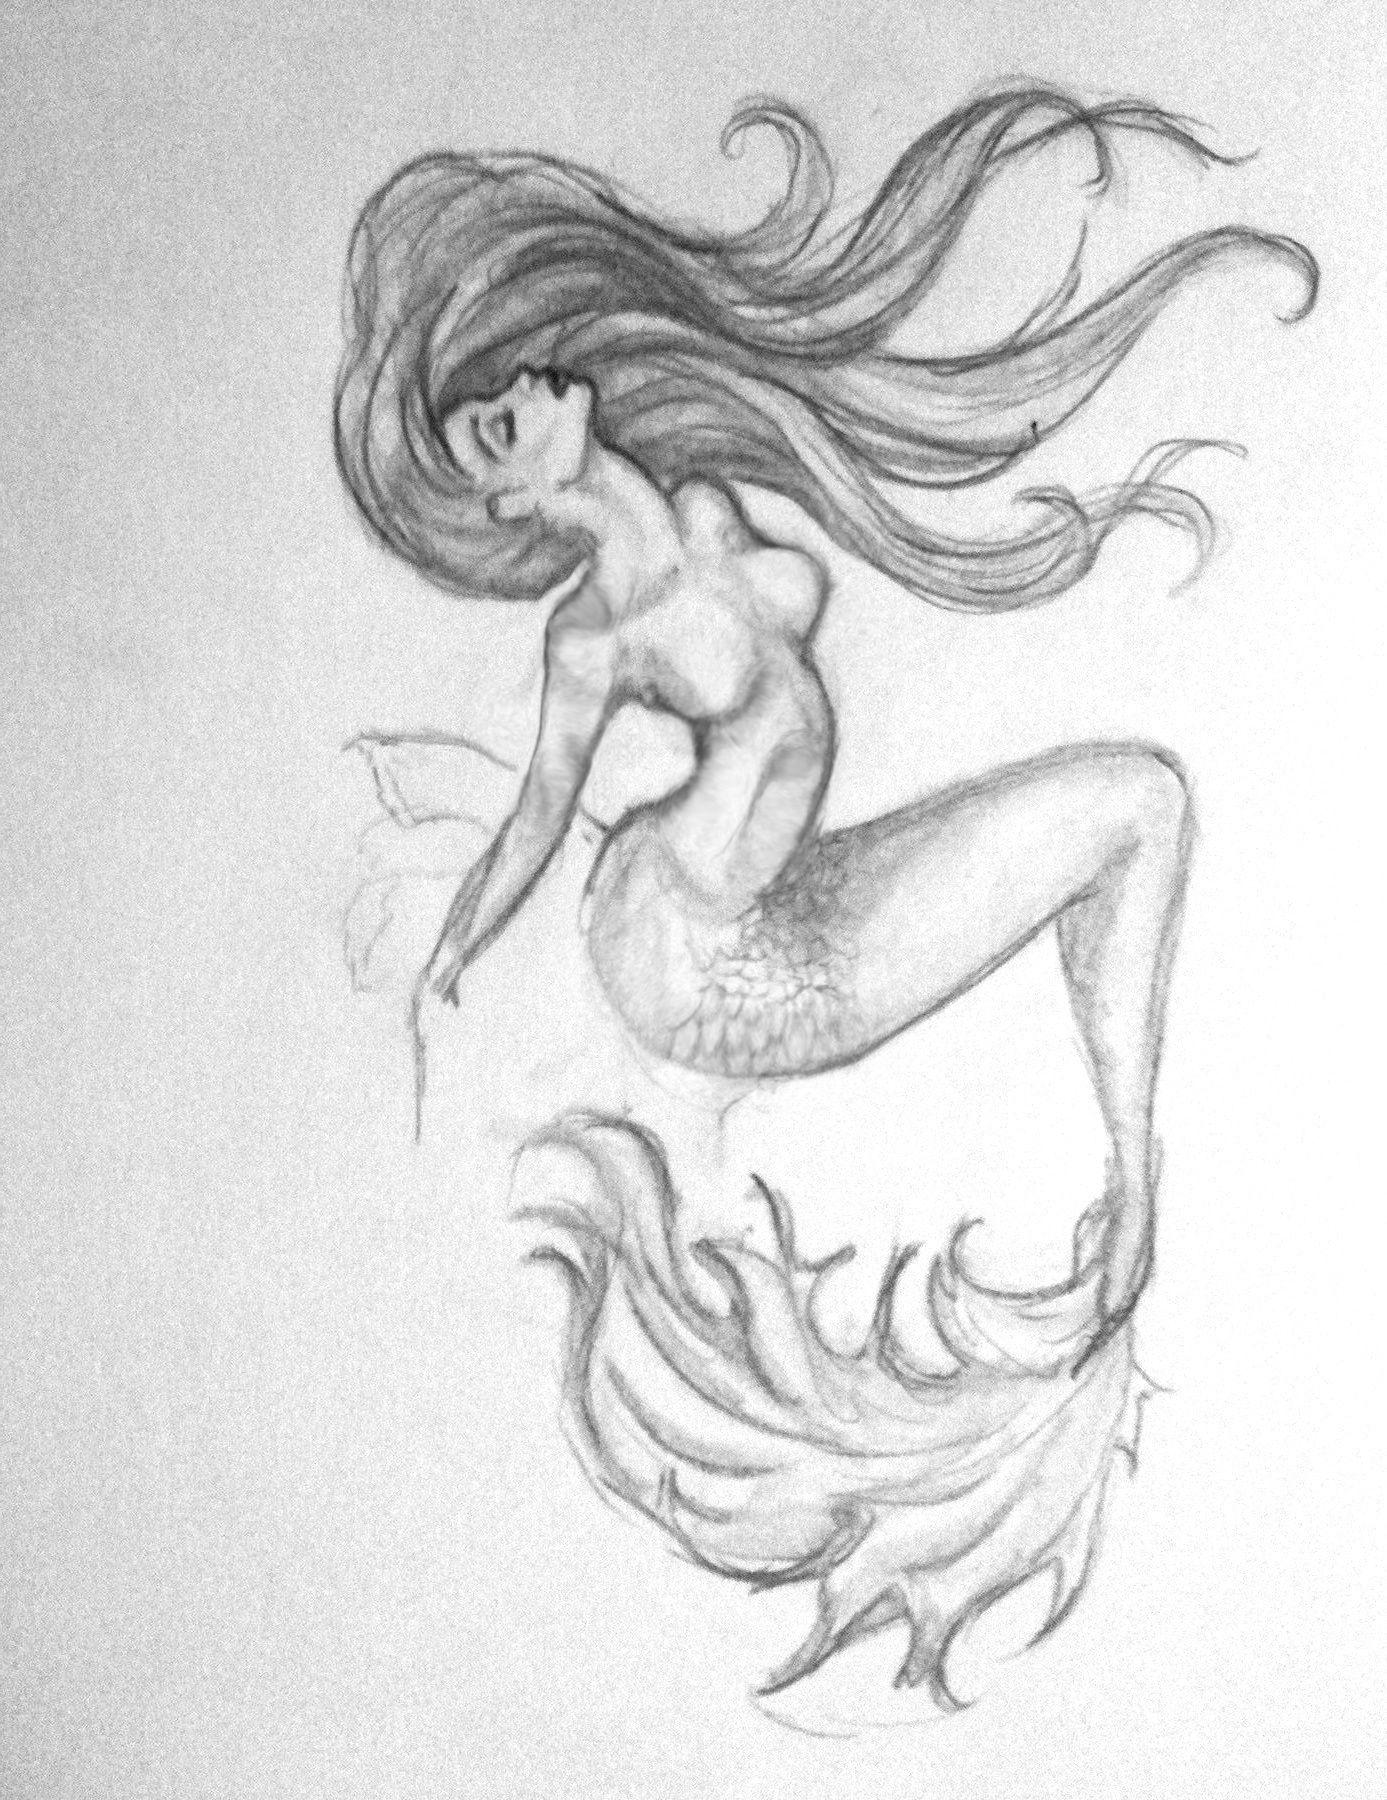 1387x1800 Mermaid Design Mermaid Mermaid, Tattoo And Drawings